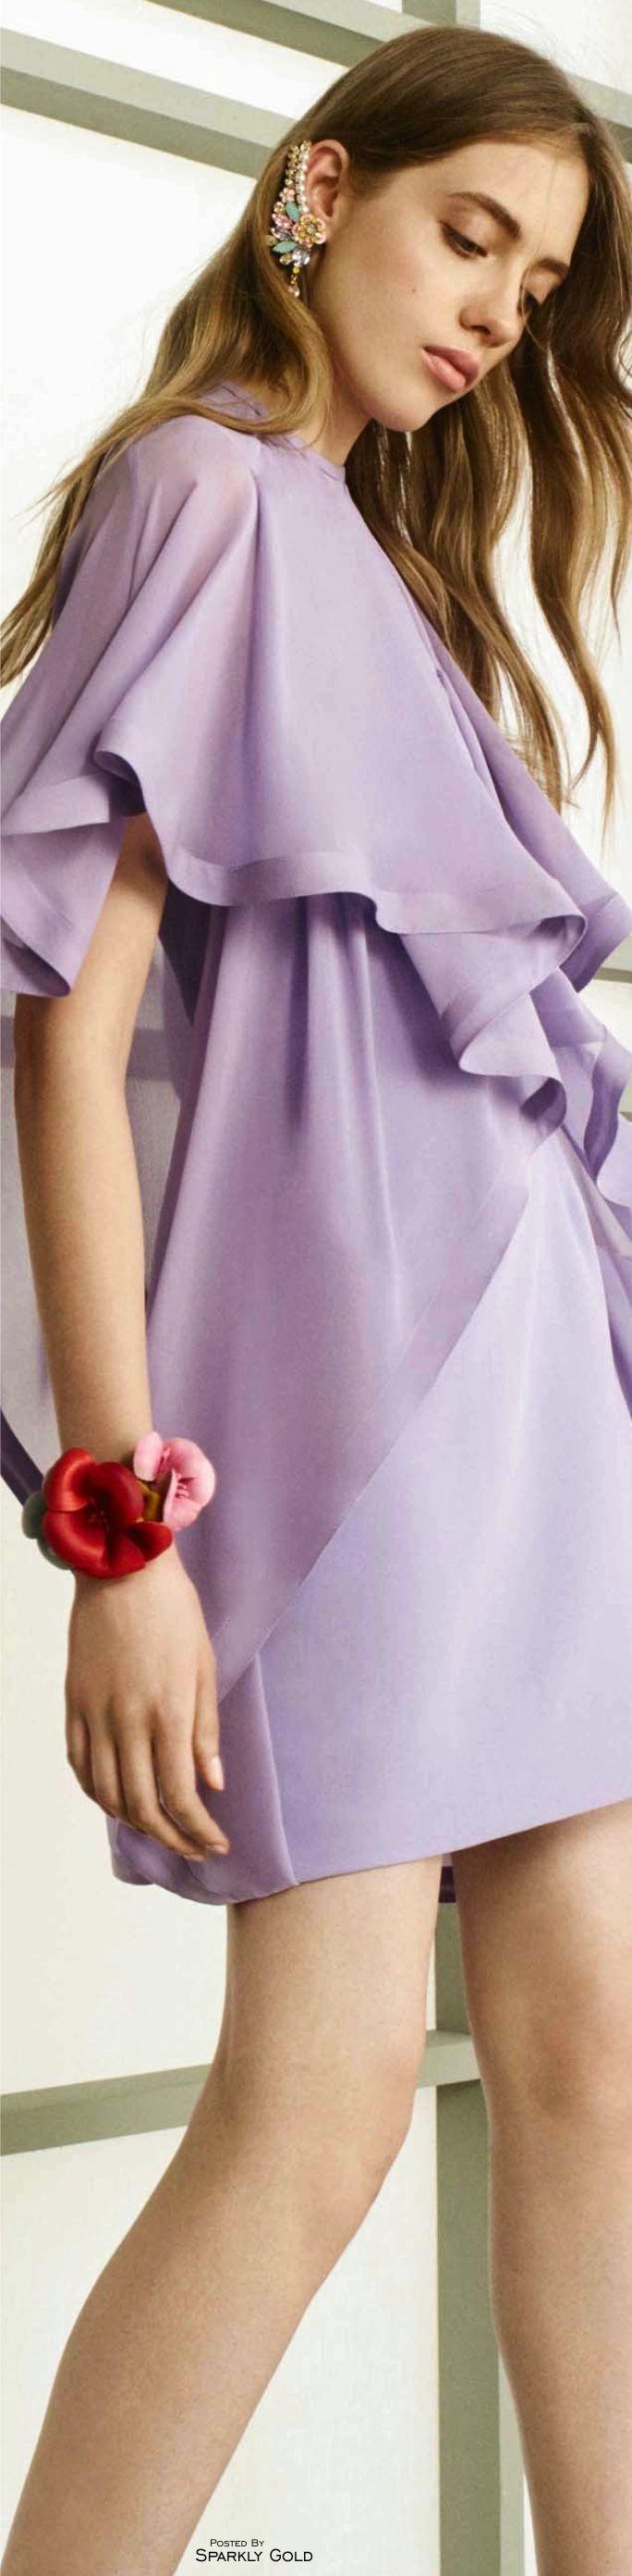 04af4743997ec13ab1aa277f282f733c--little-dresses-mini-dresses Collection Elie Saab  : Elie Saab Resort 2017